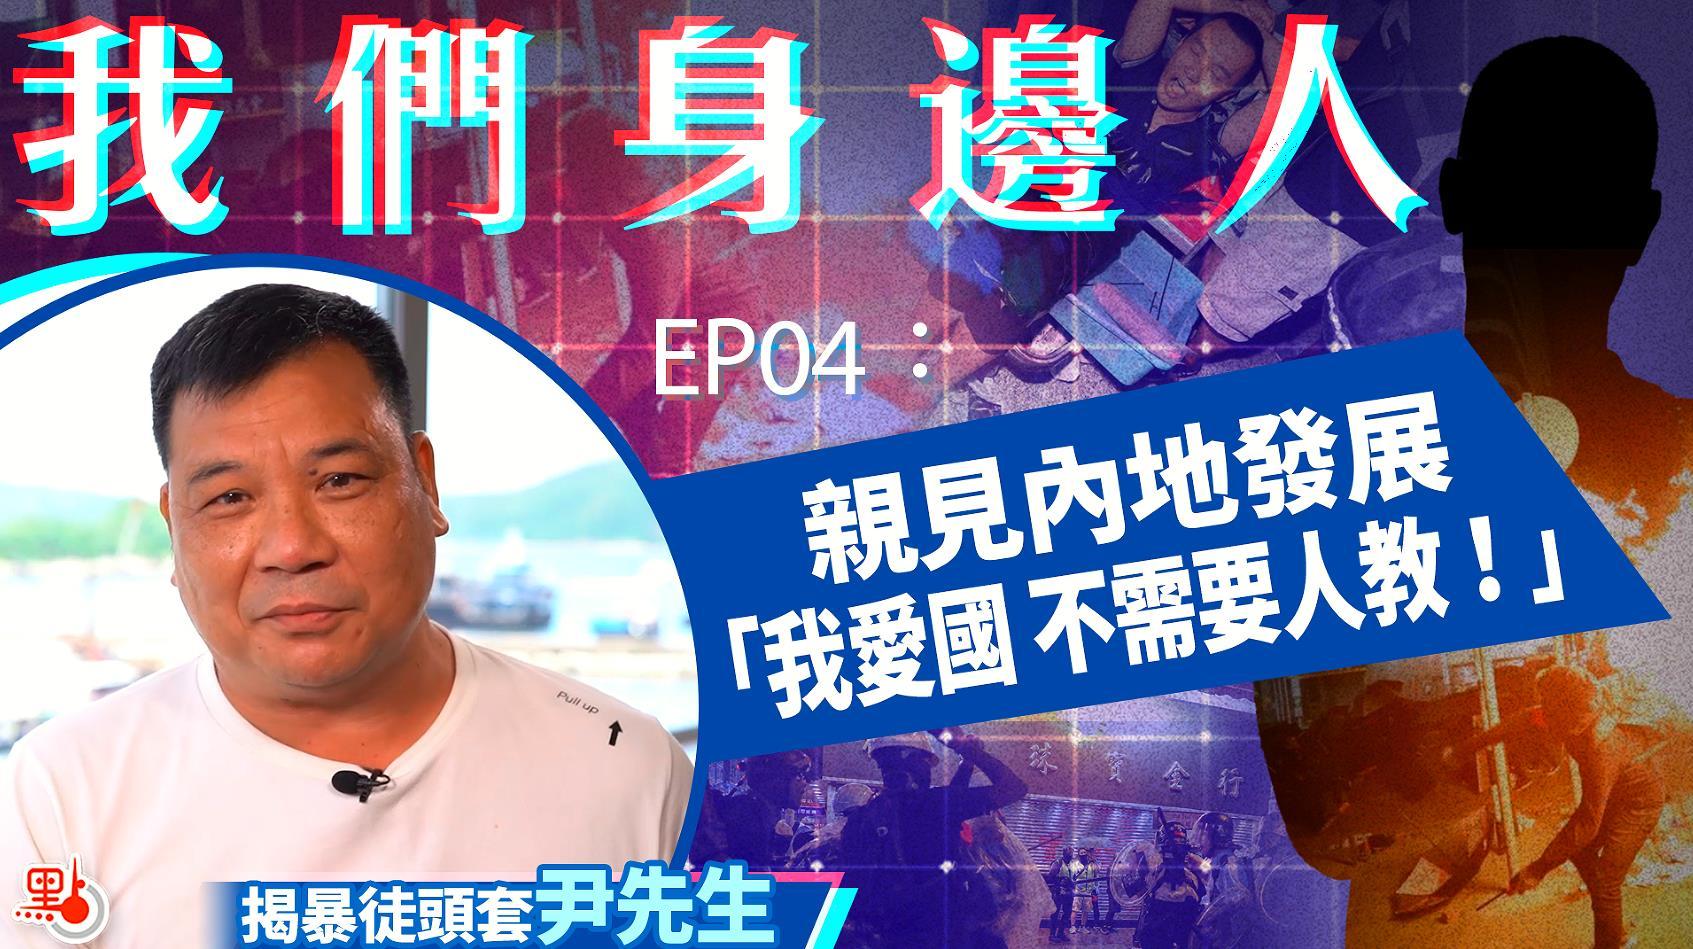 【我們身邊人】EP04 揭黑衣人頭套尹先生:親見內地發展 愛國不需要被人教